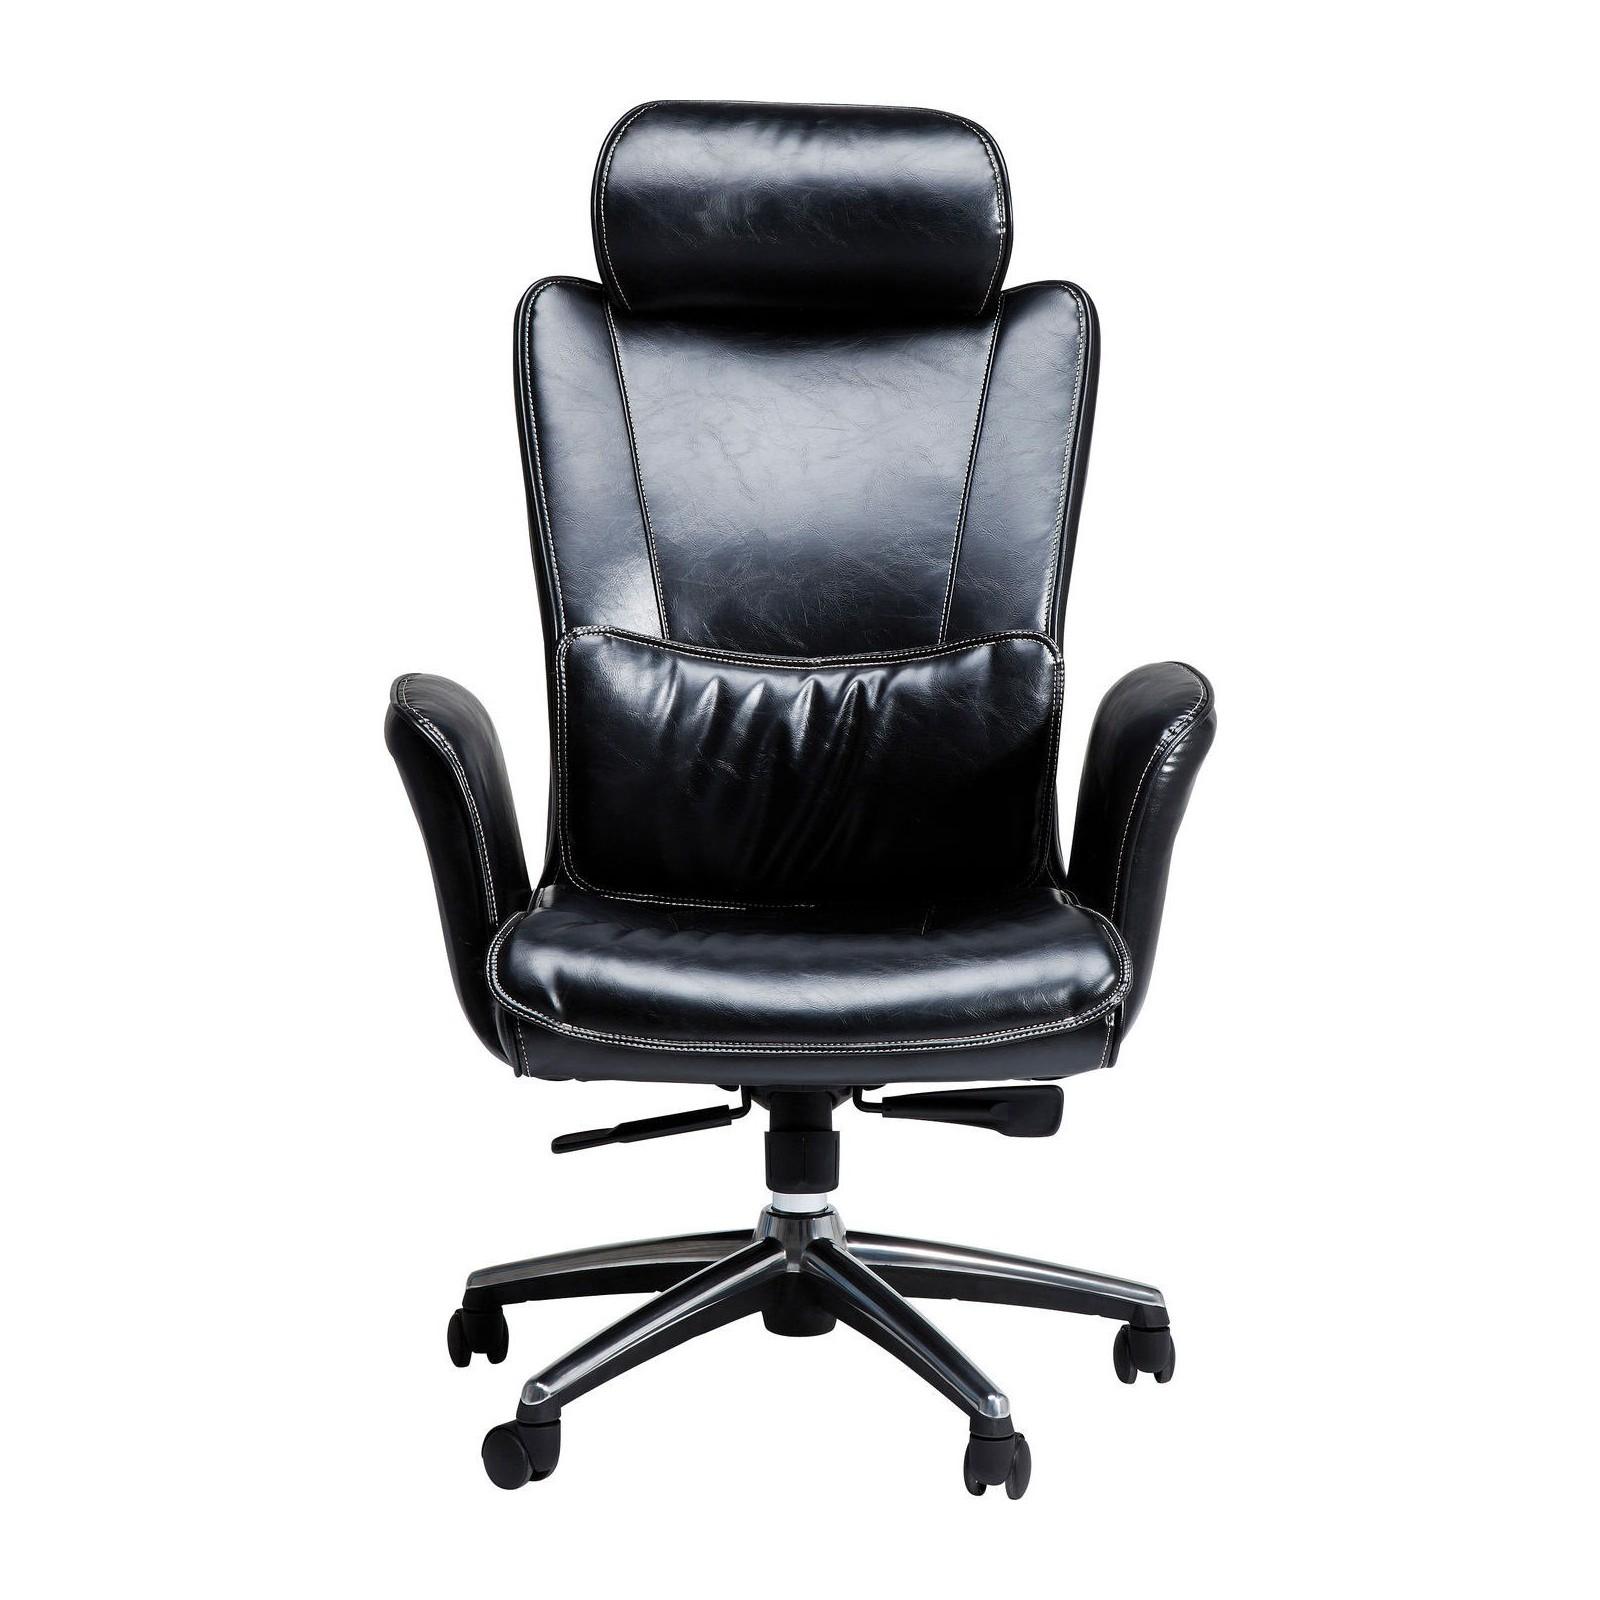 Choisir sa chaise de bureau nos conseils kare click - Choisir chaise de bureau ...